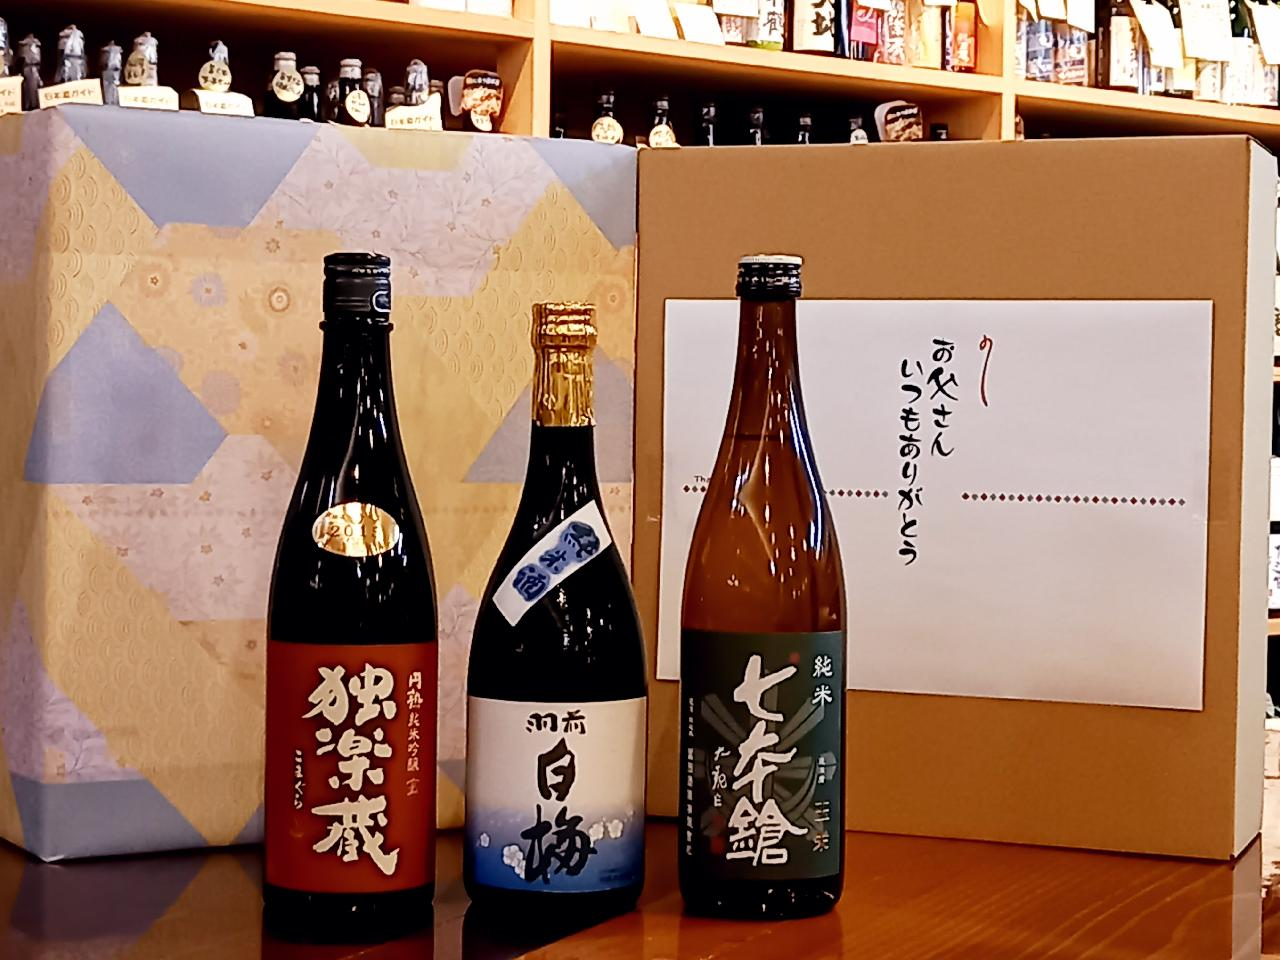 お家に届く!プロにおまかせ日本酒セット 第二弾ハーフセット